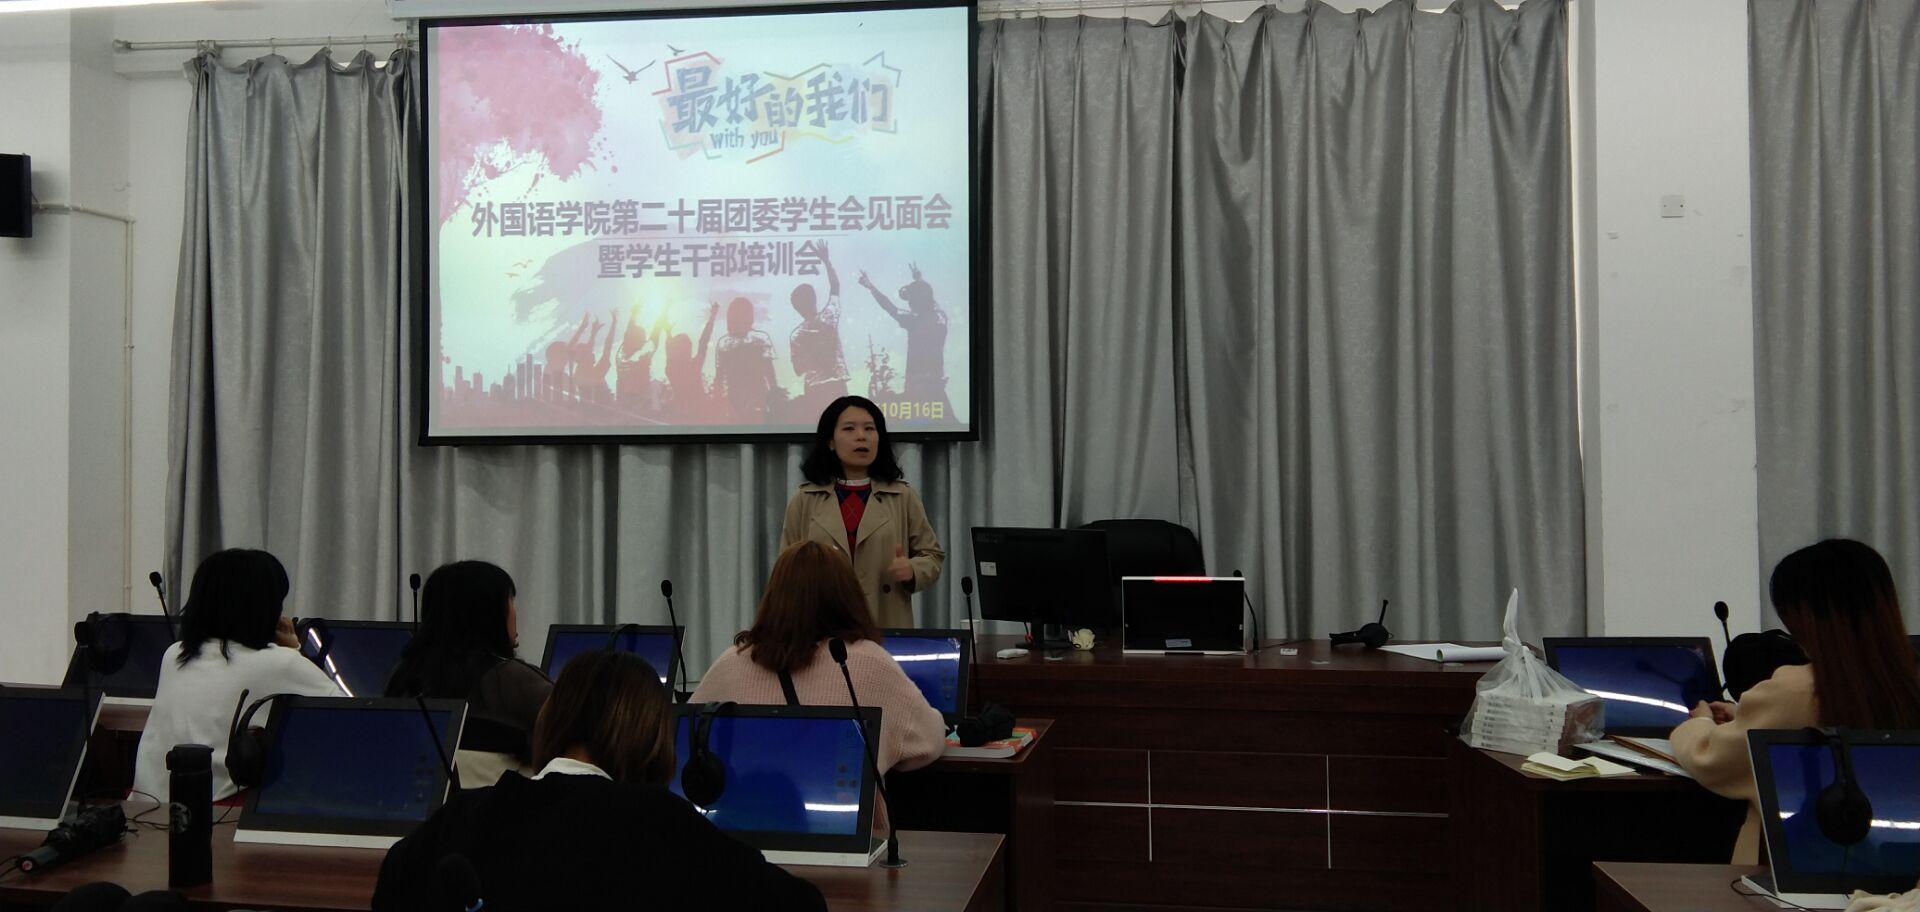 外国语学院:外国语学院团委学生会第二十届见面会暨学生干部培训会顺利举行